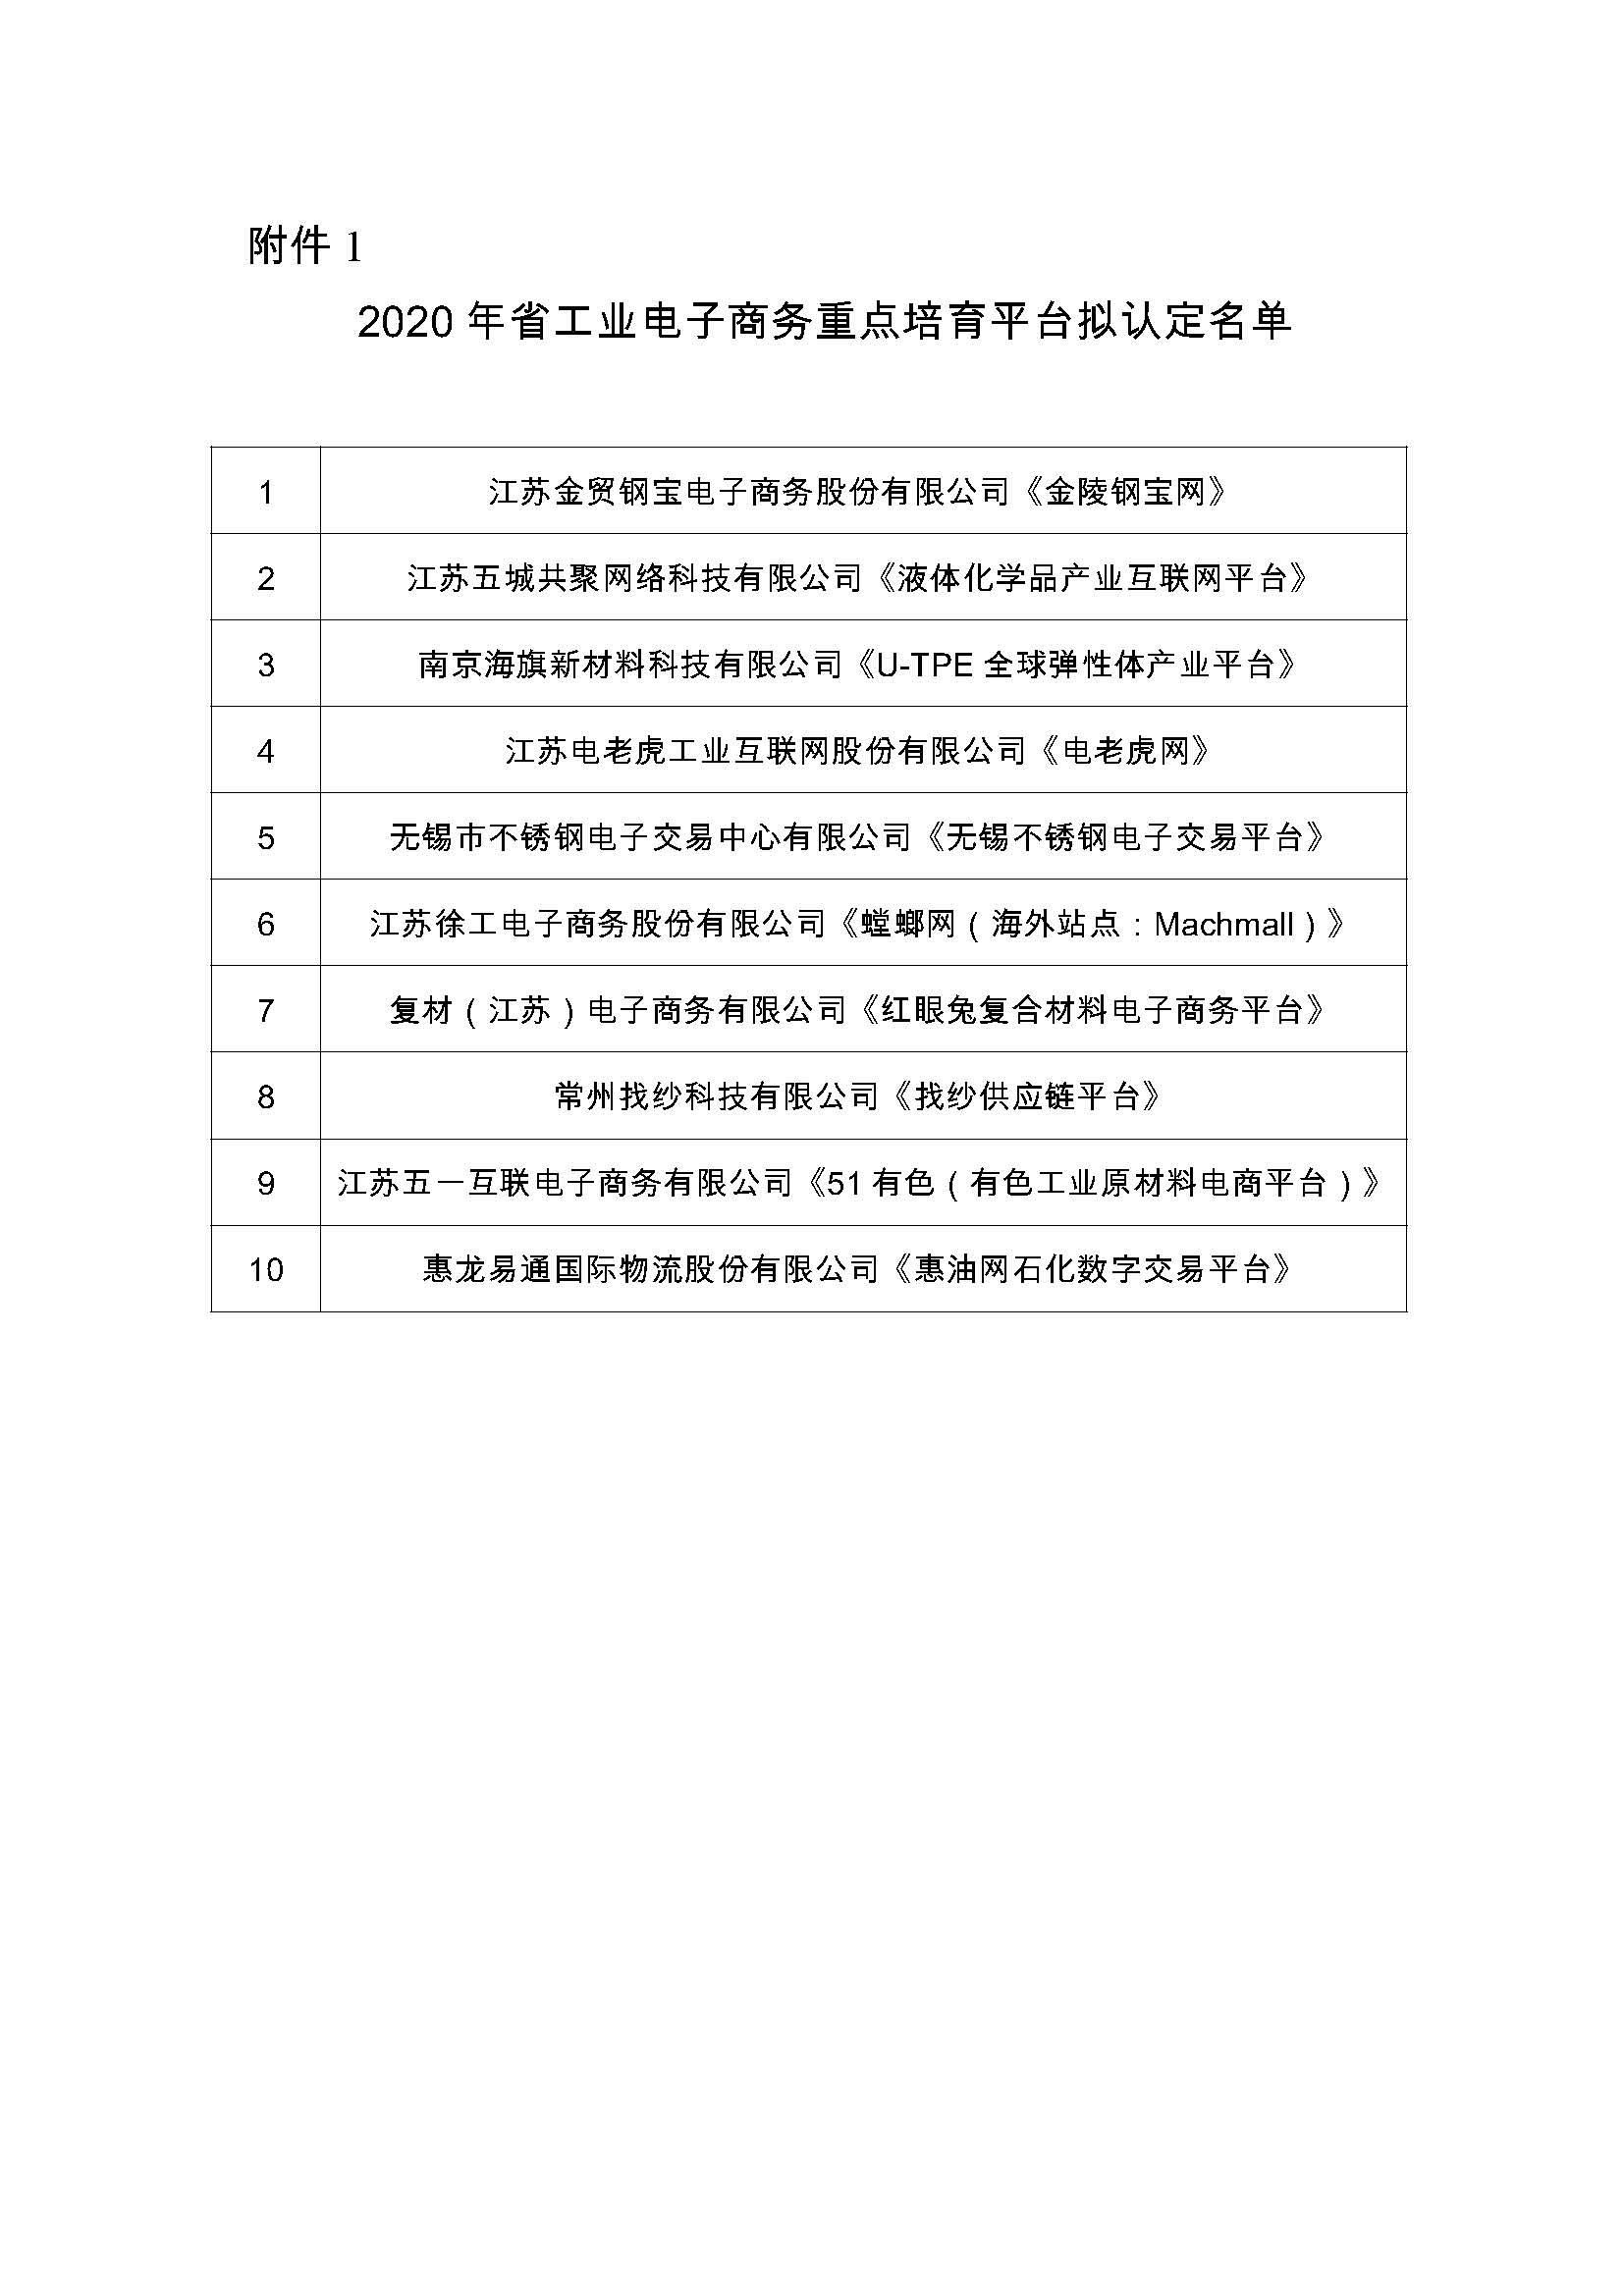 附件1:2020年省工业电子商务重点培育平台拟认定名单.jpg